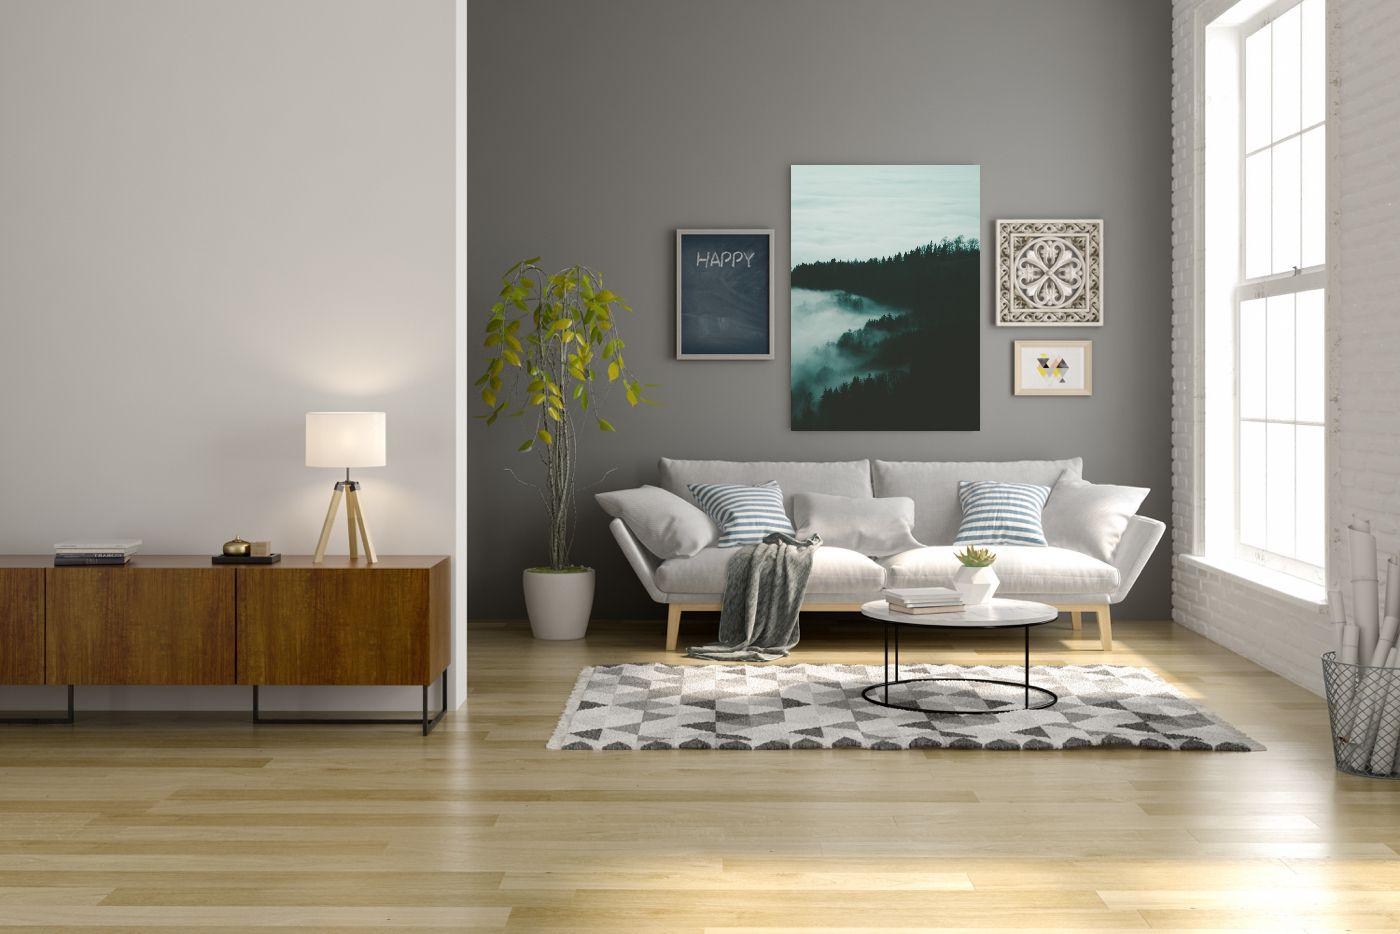 Bild über Dem Sofa Hängen Es Kommt Nicht Nur Auf Die